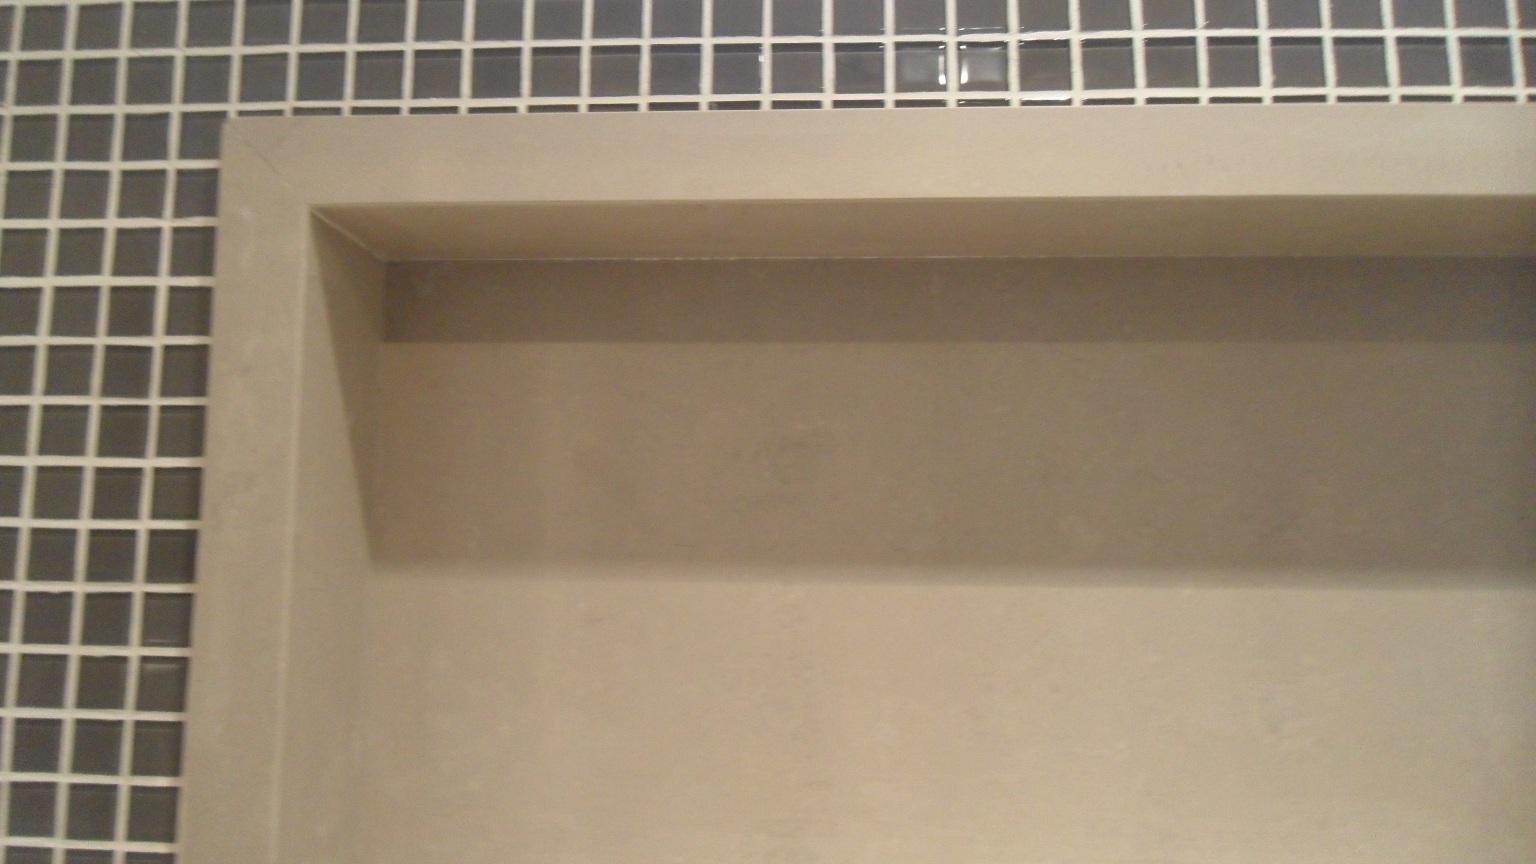 porcelanato.: Bancada e Nicho Porcelanato Portinari por Bel Taglio #7F6B4C 1536x864 Bancada Banheiro Porcelanato Como Fazer